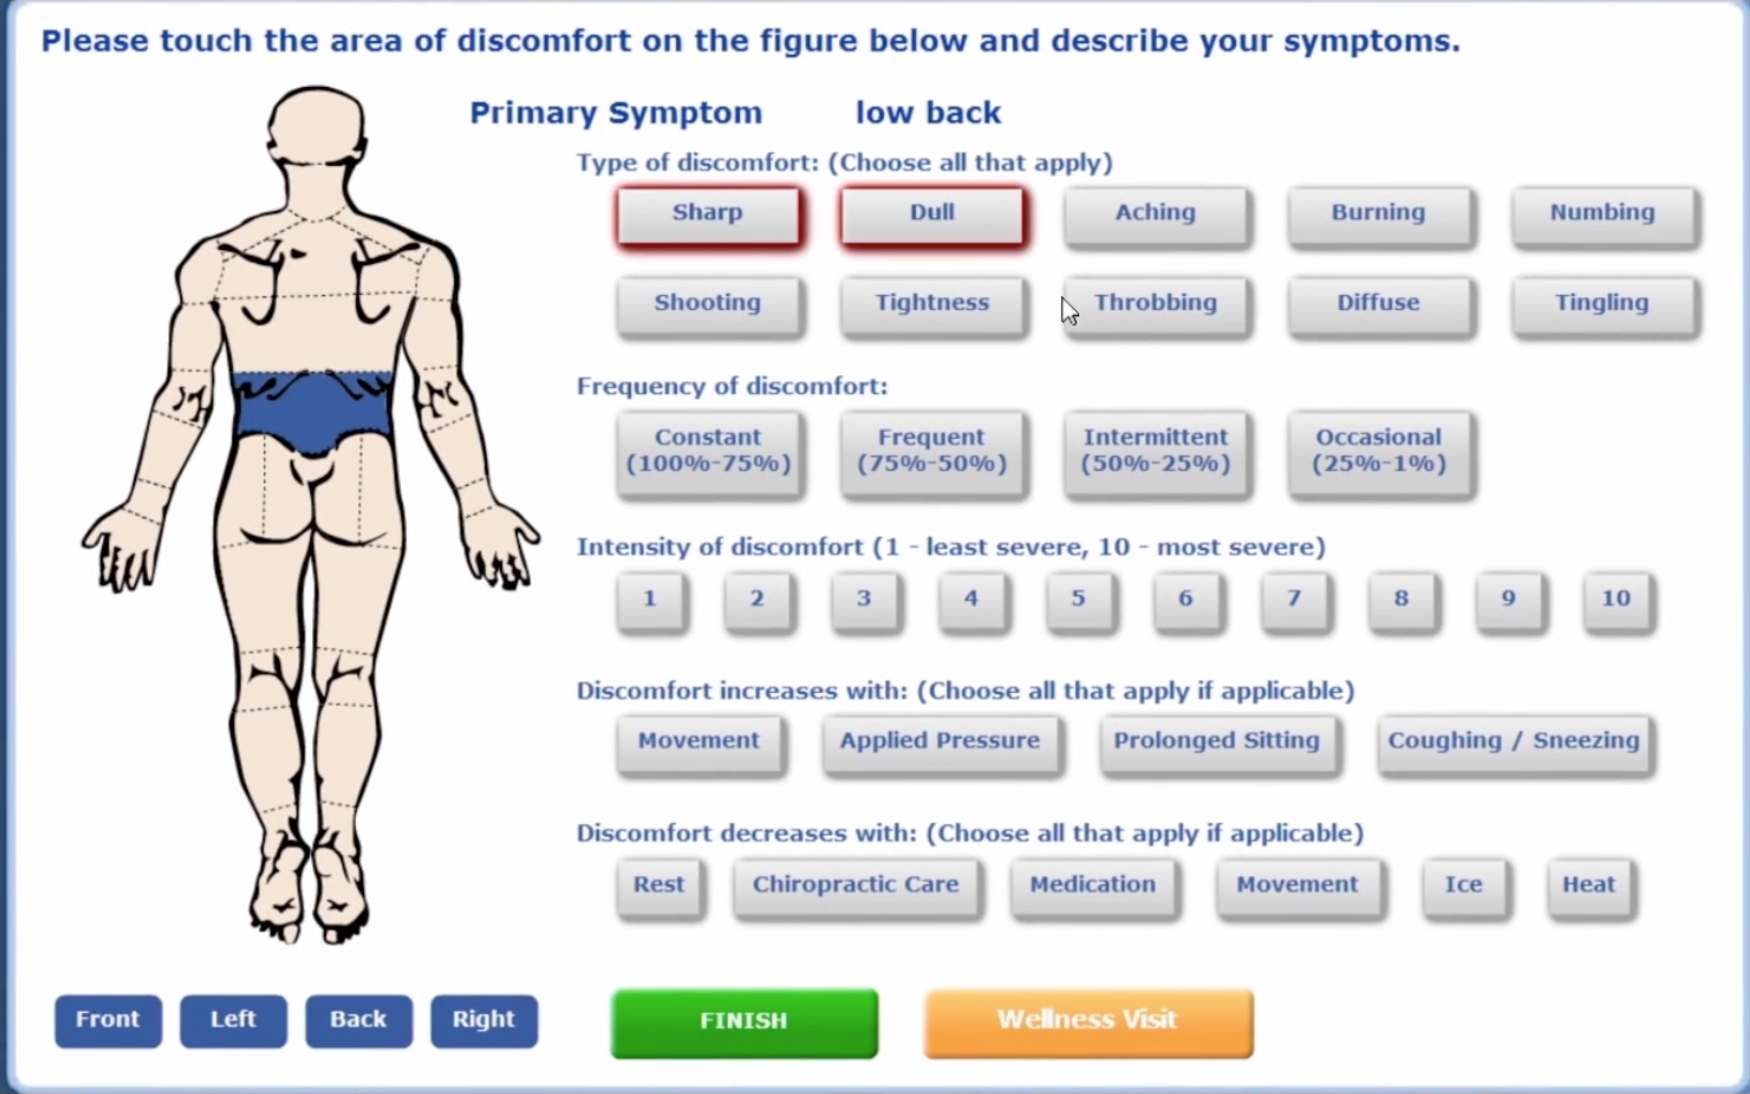 Symptom reporting